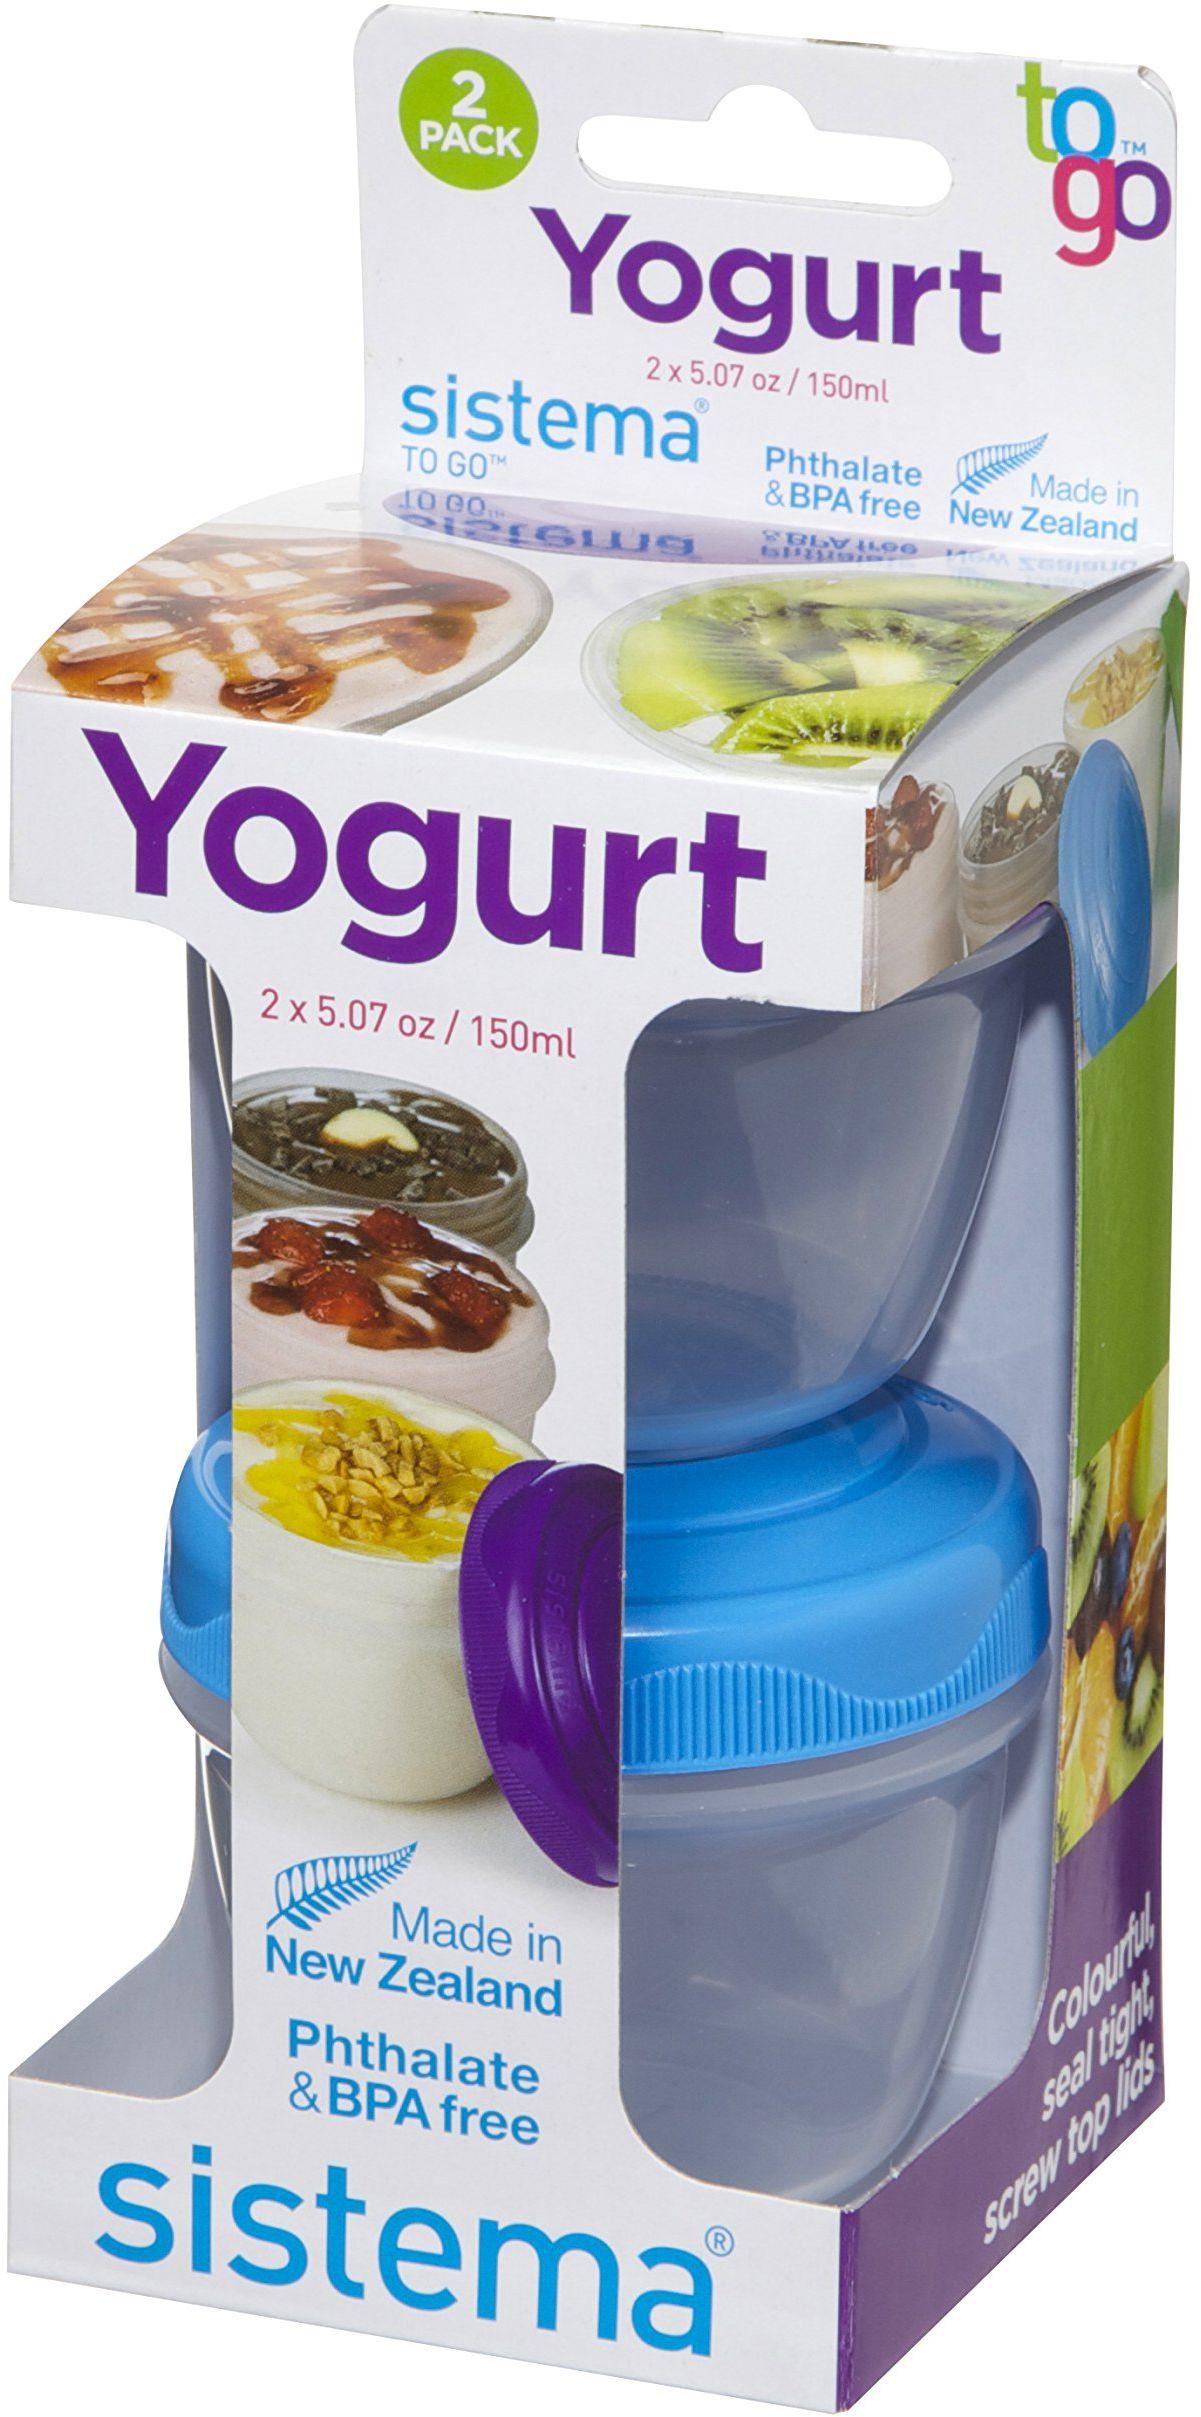 Sistema Yogurt To Go pojemnik okrągły, 150 ml, 2 sztuki w opakowaniu